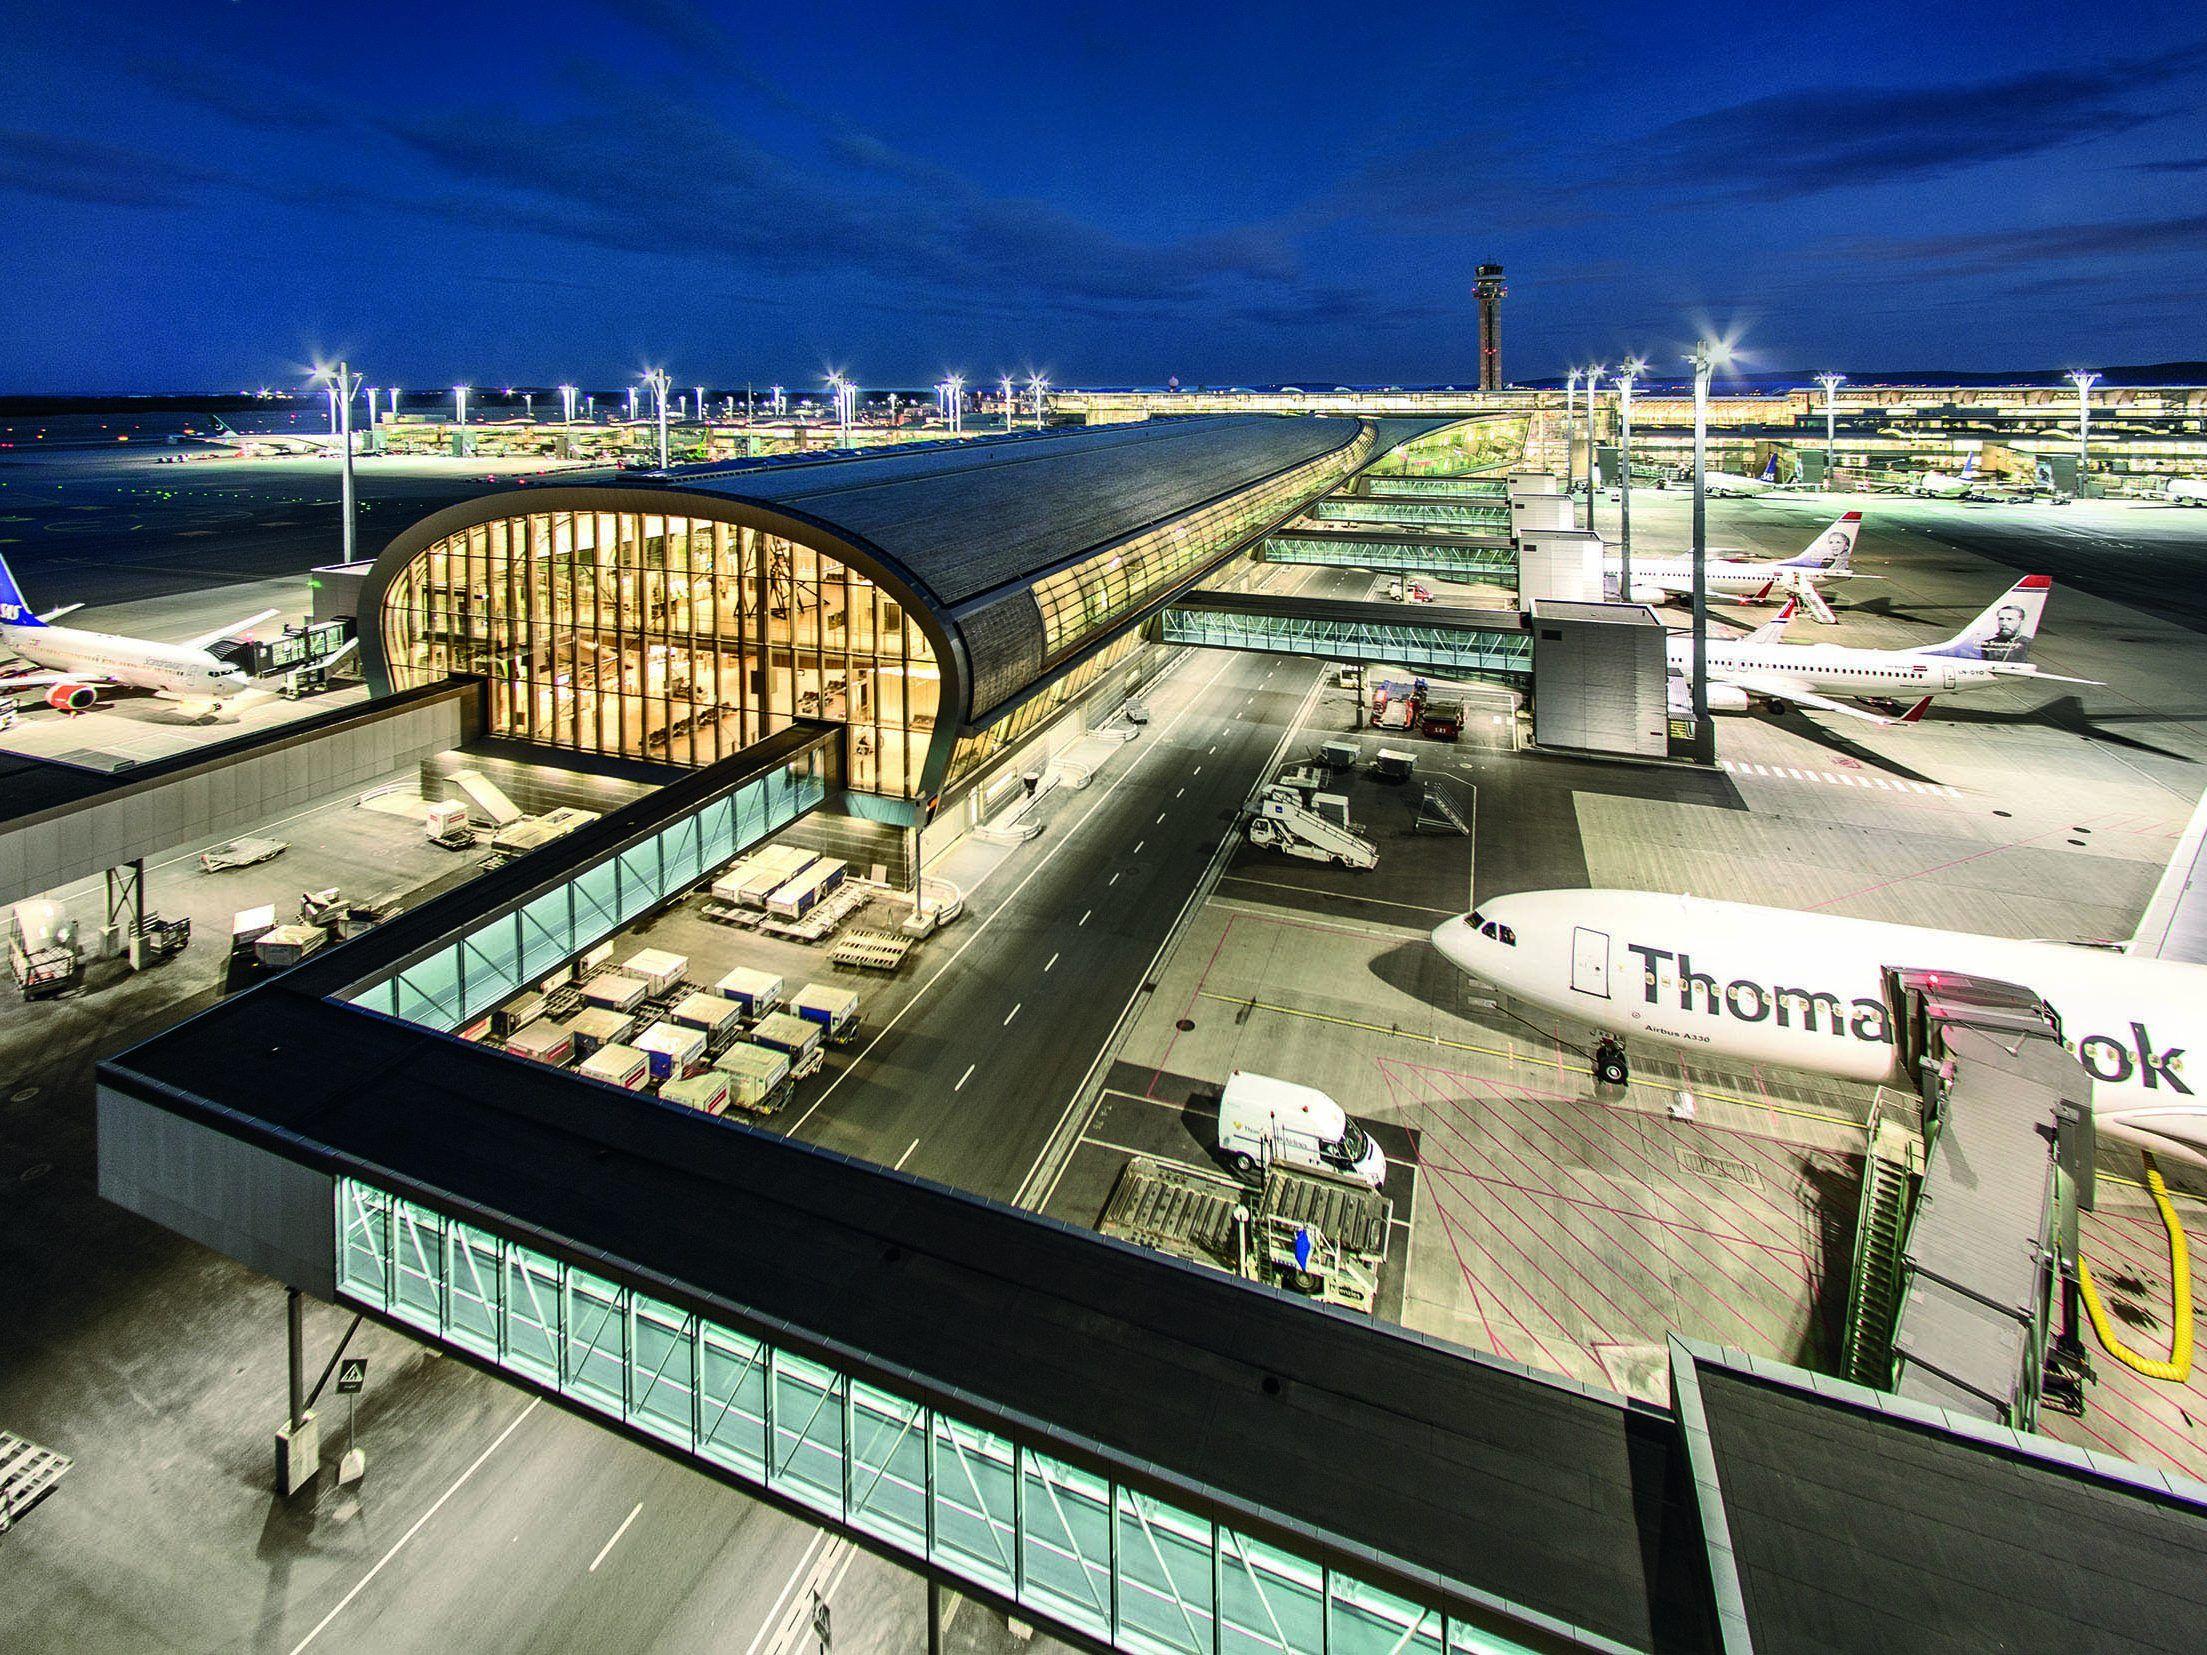 Zumtobel Group rüstet Flughafen Oslo mit 21.200 LED-Leuchten aus ...